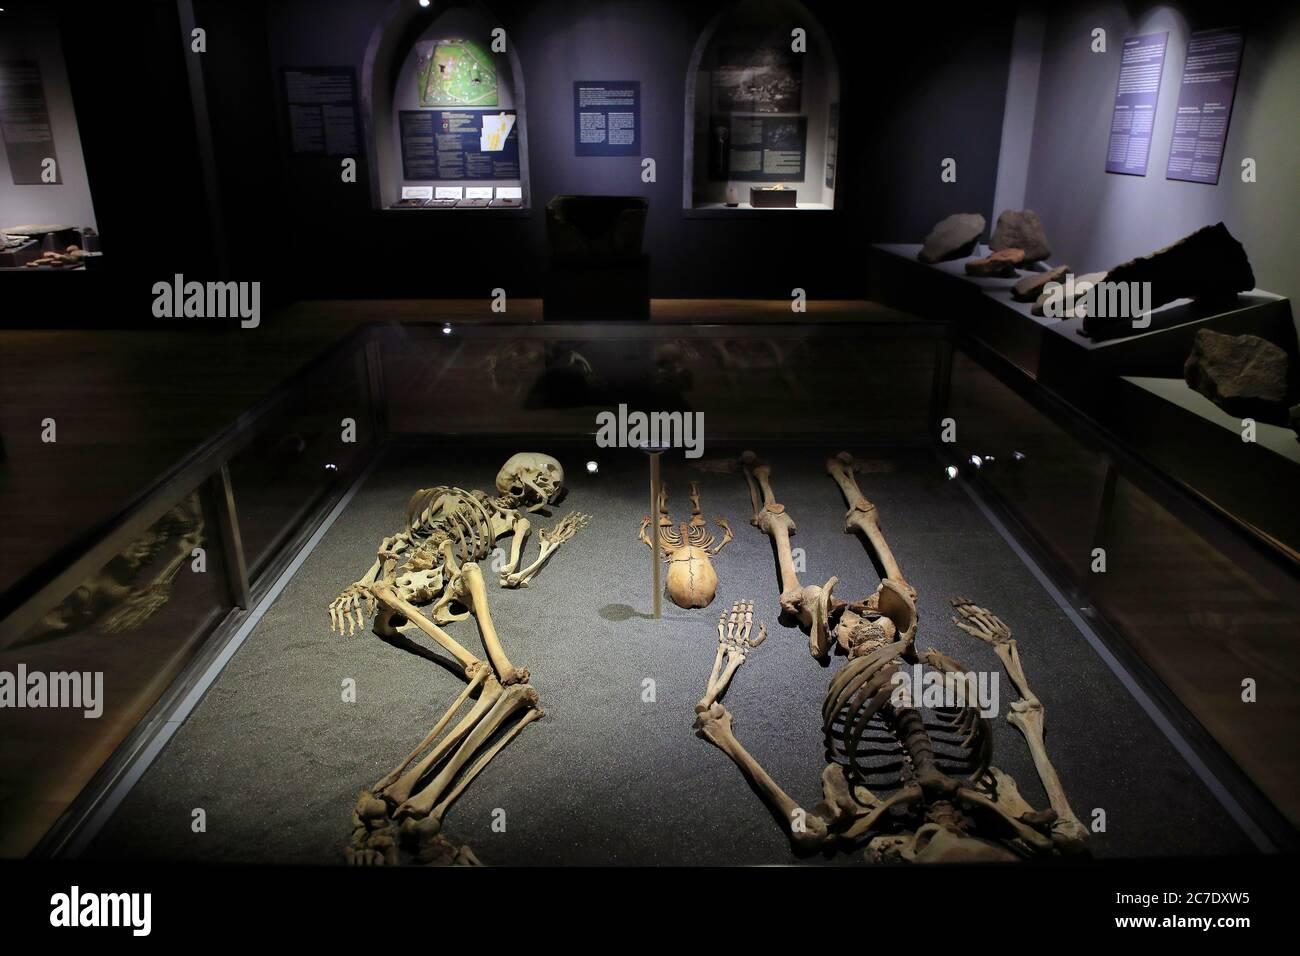 Esqueletos excavados de hombre, mujer e infante en exhibición en el Museo Nacional de las Islas Feroe.Torshavn.Streymoy.Islas Feroe.Territorio de Dinamarca Foto de stock